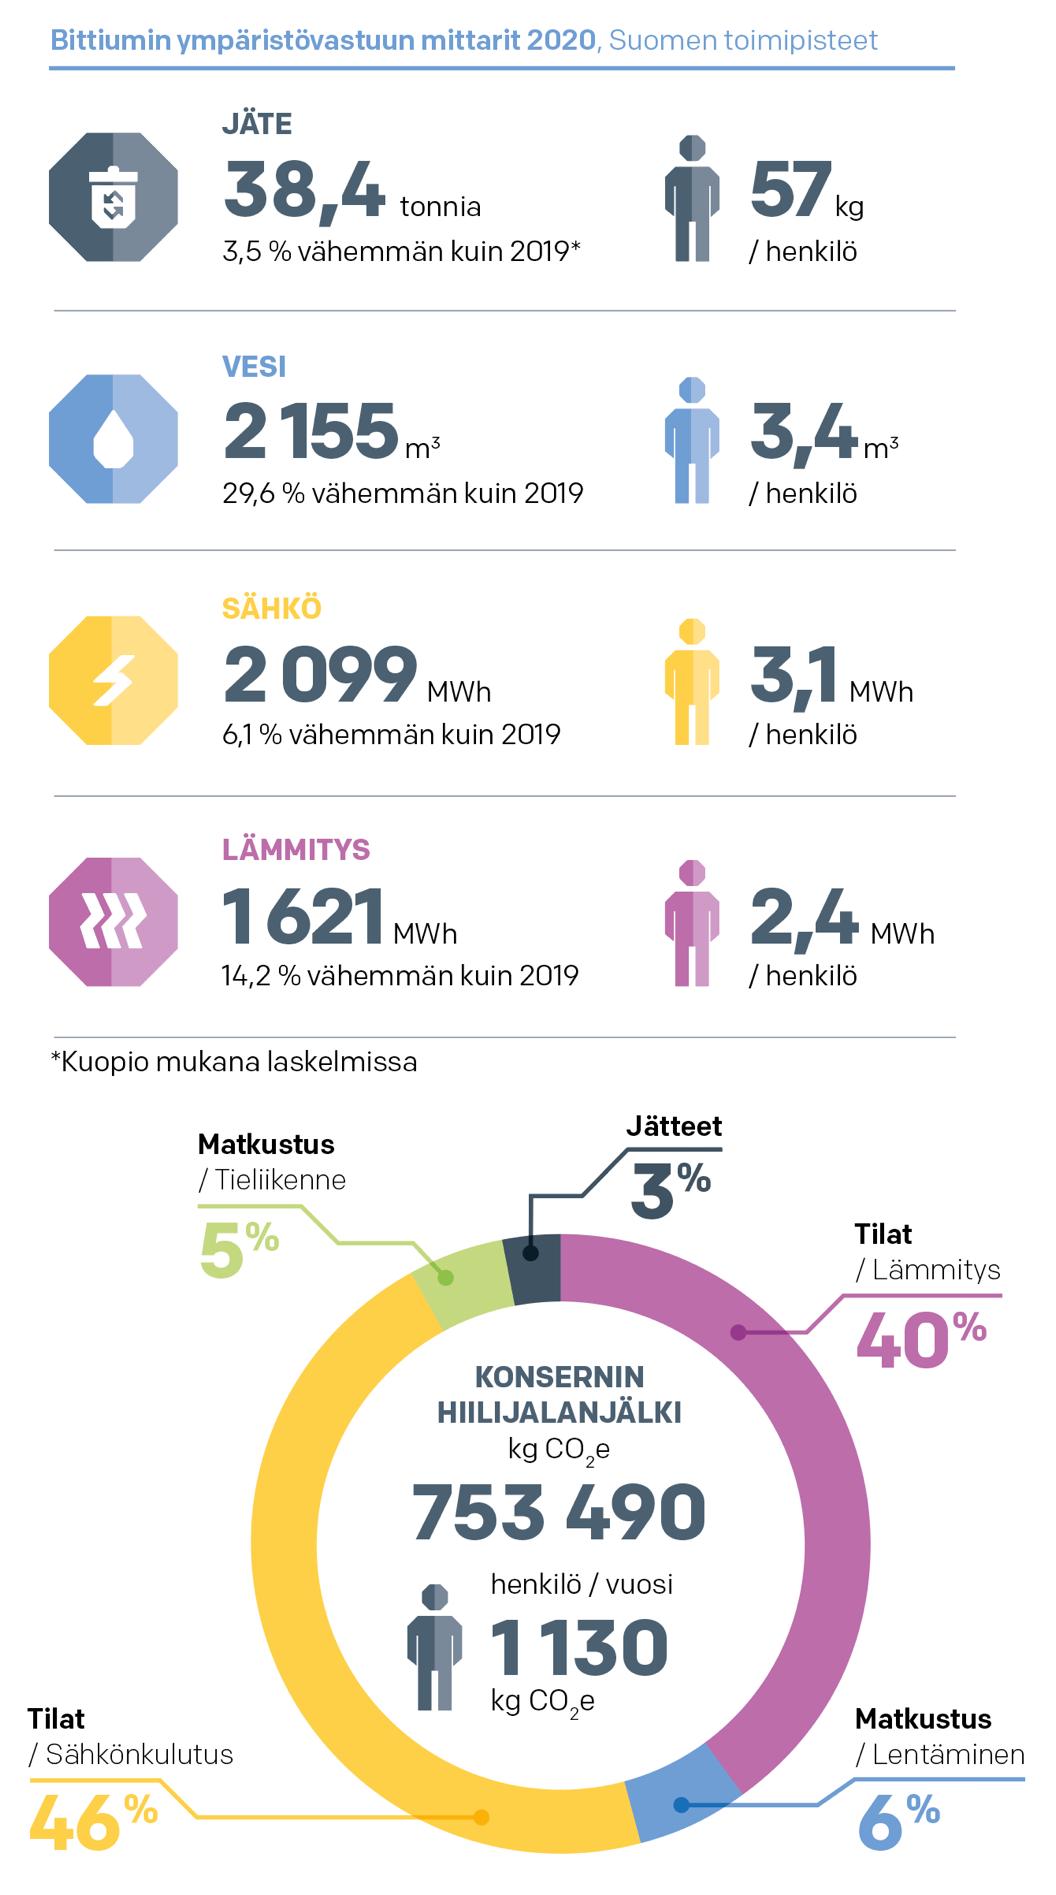 Bittiumin ympäristövastuun mittarit 2020, Suomen toimipisteet